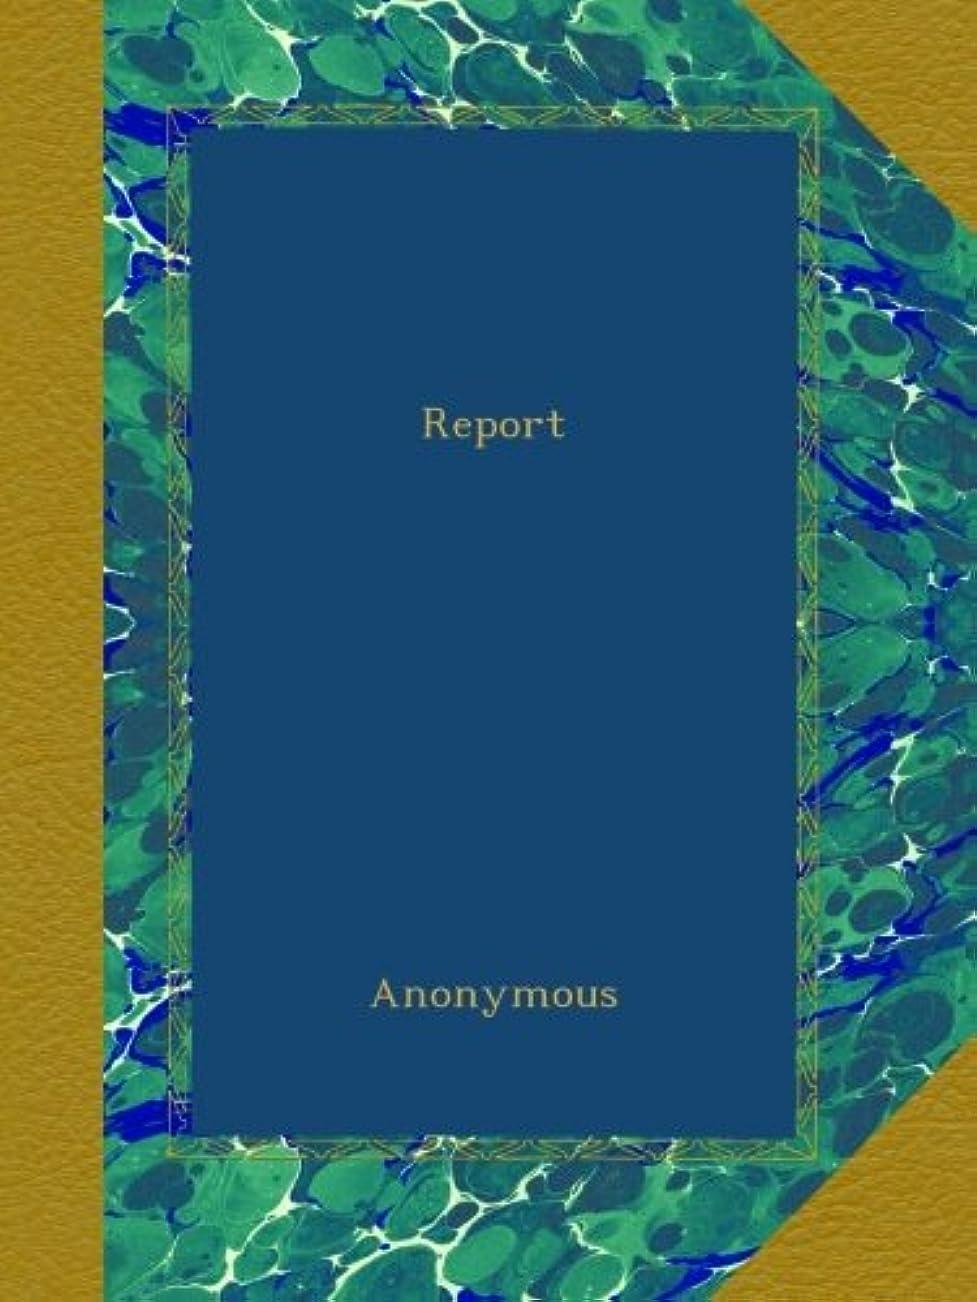 ペナルティ実際に幽霊Report